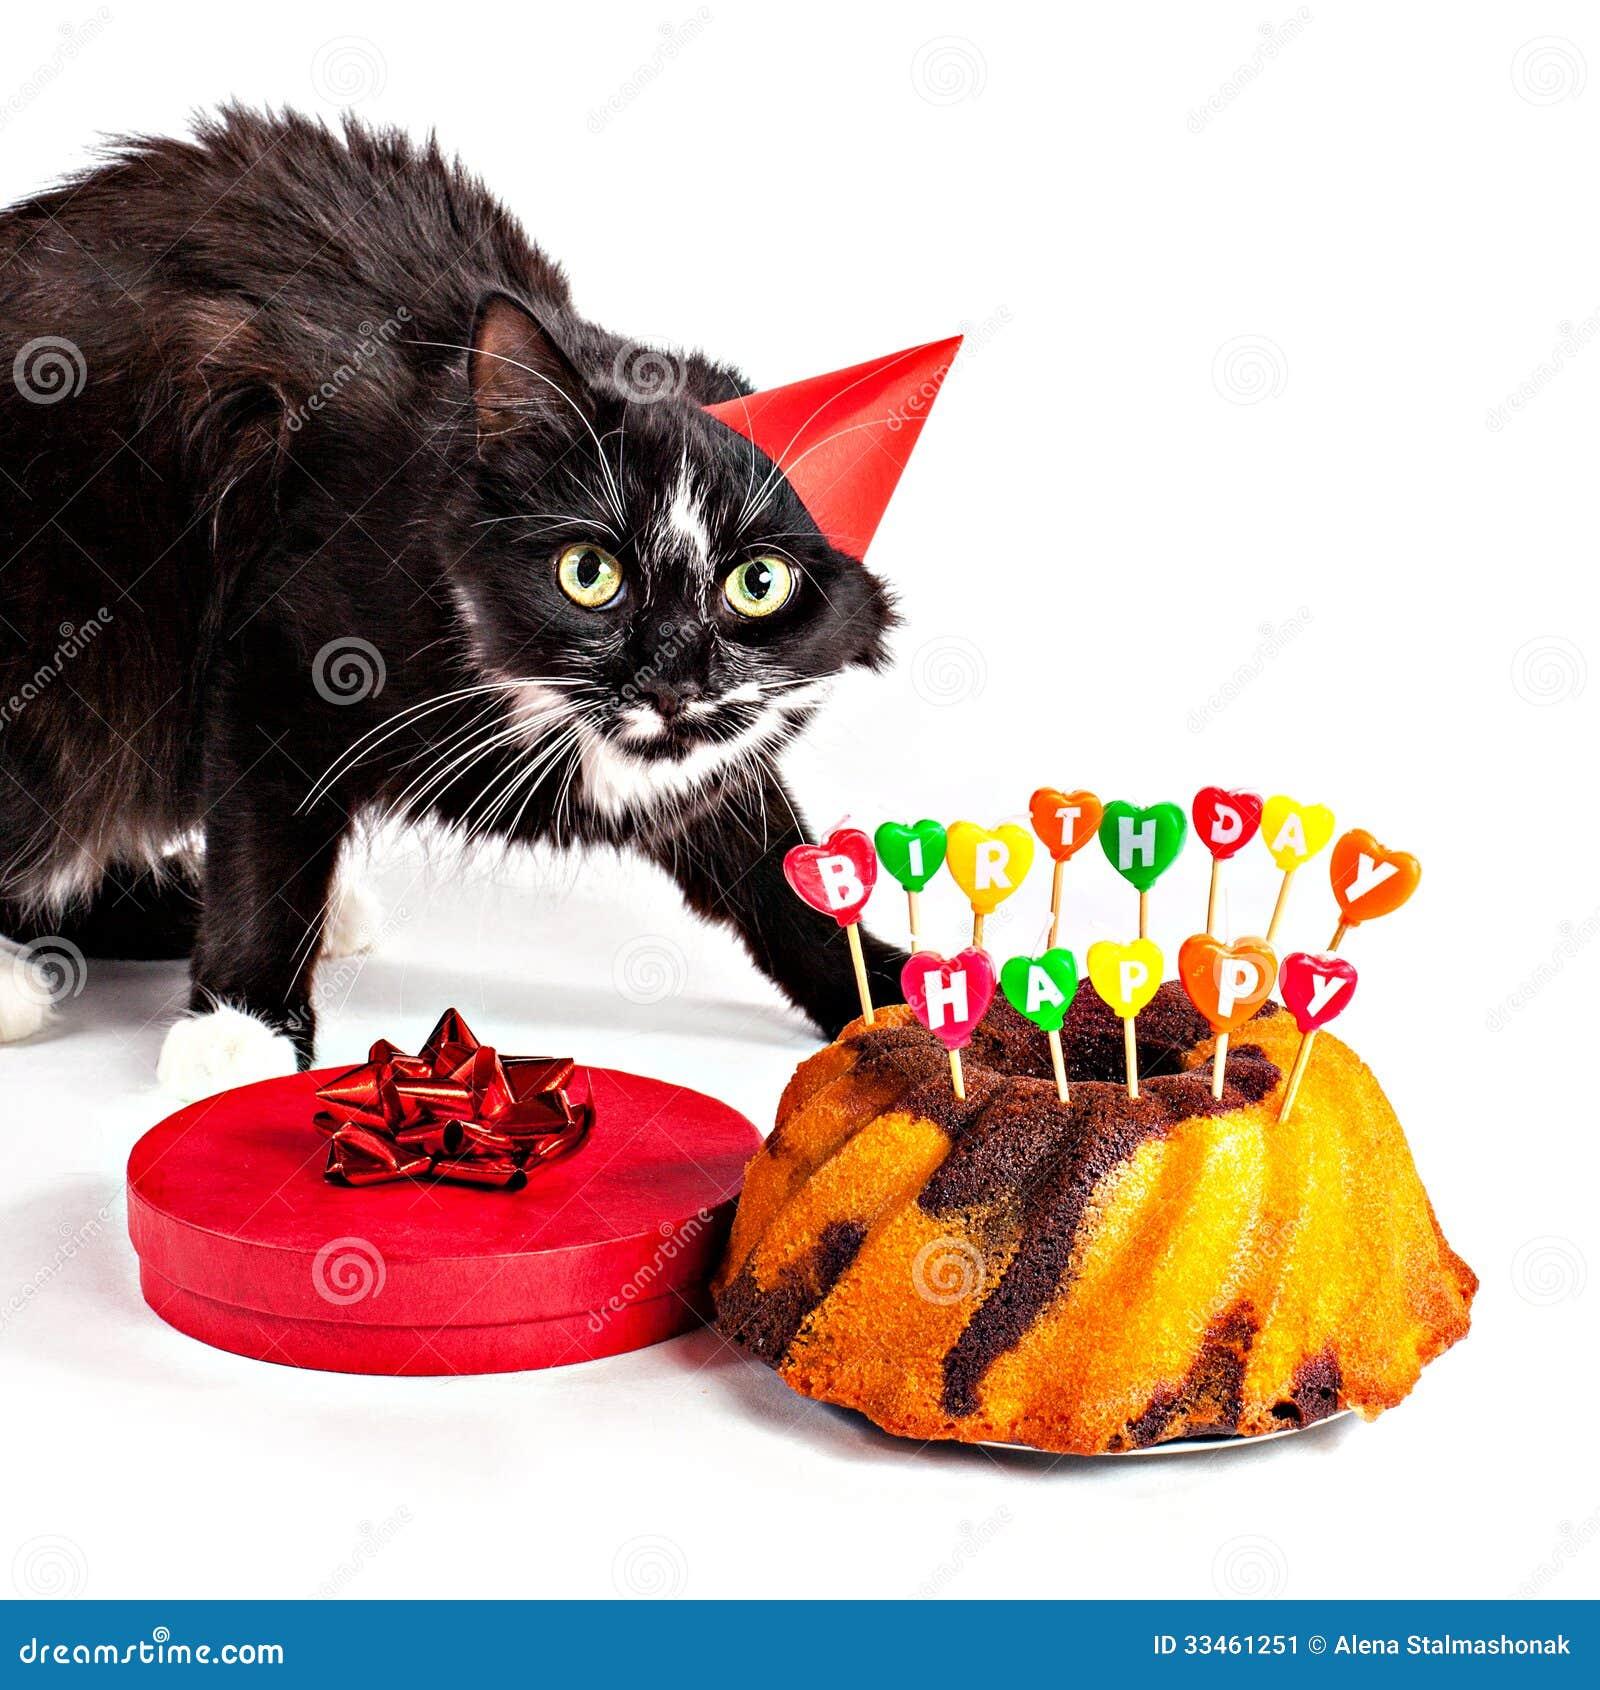 cat with dandruff